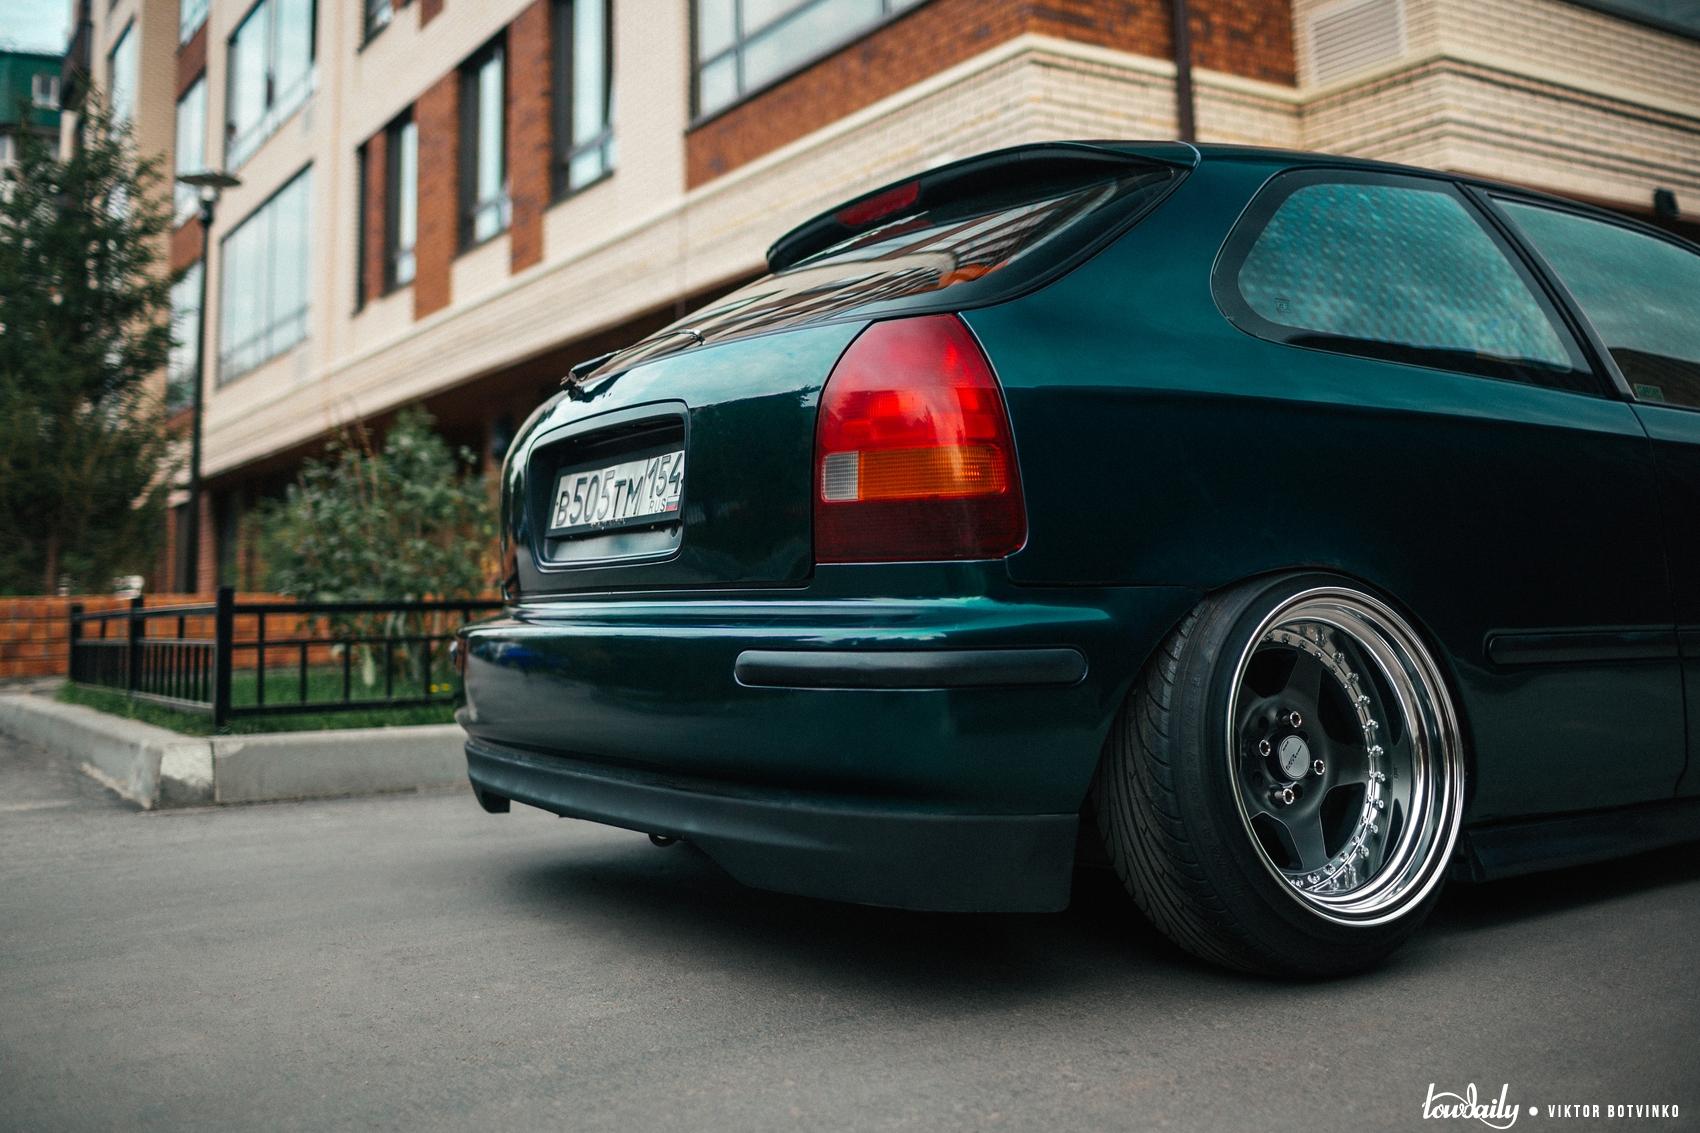 005 Honda Civic